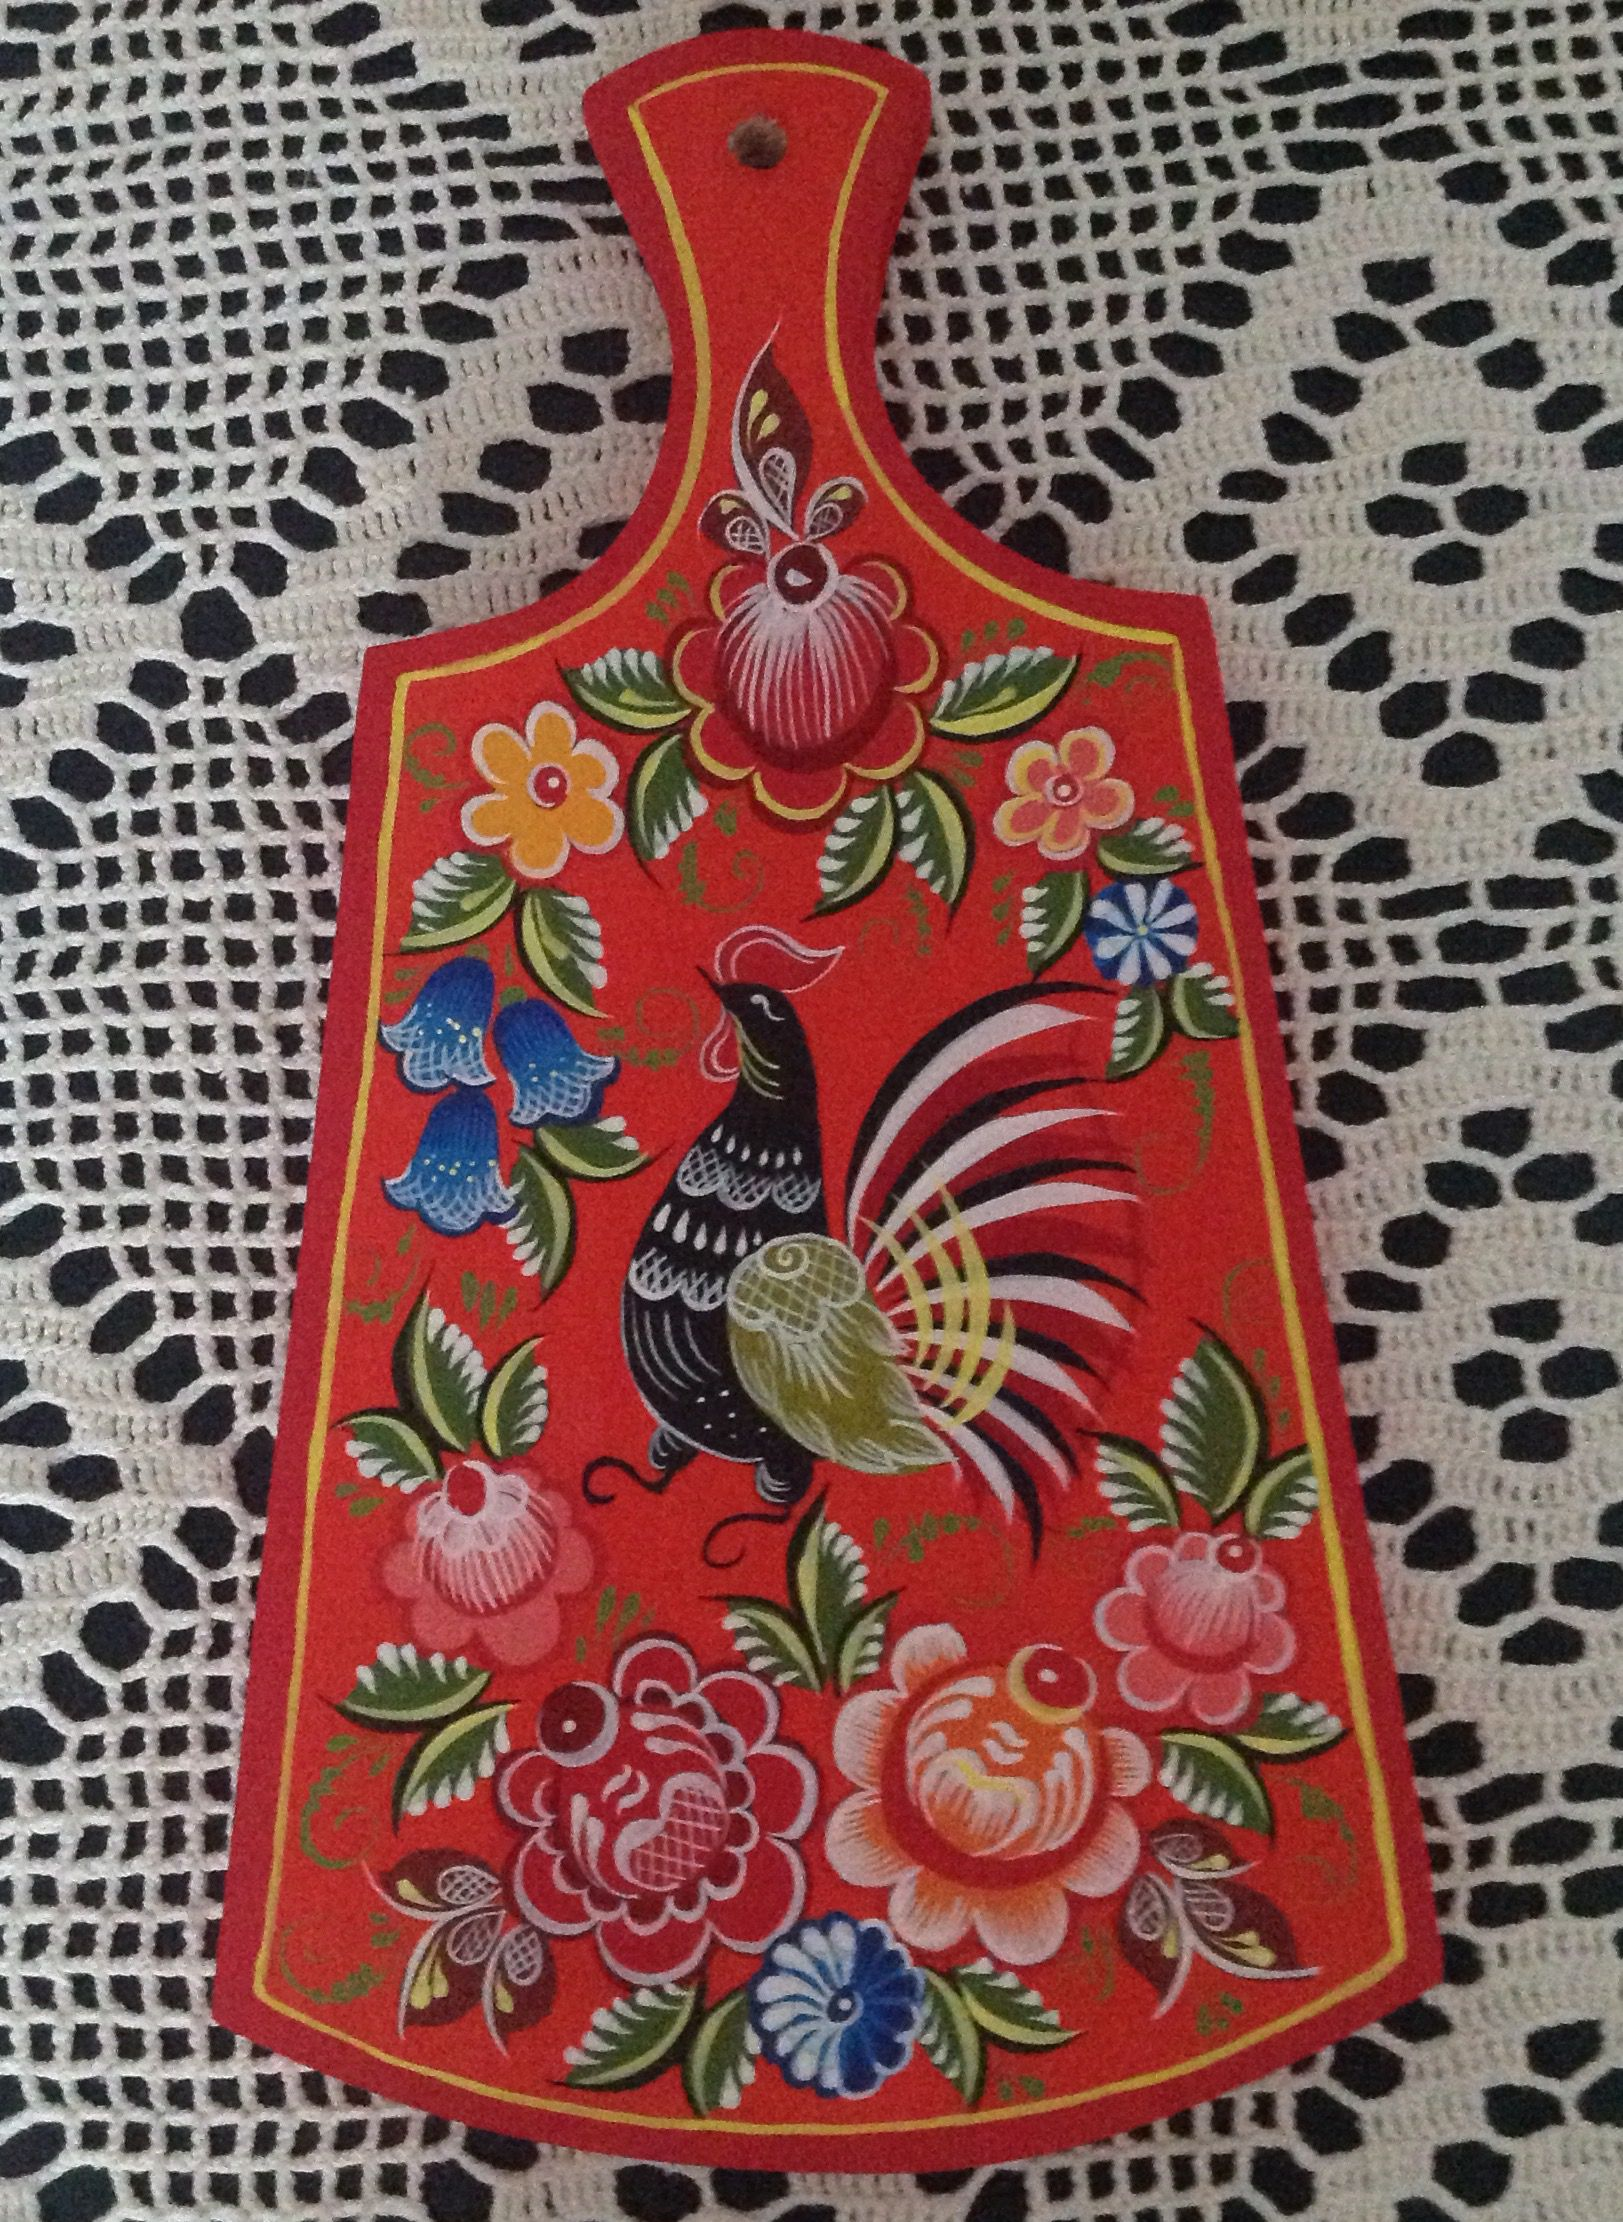 русскийсувенир березовая городецкая русский год новыйгод петуха сувенир роспись доска разделочная дерево подарок подарокженщине